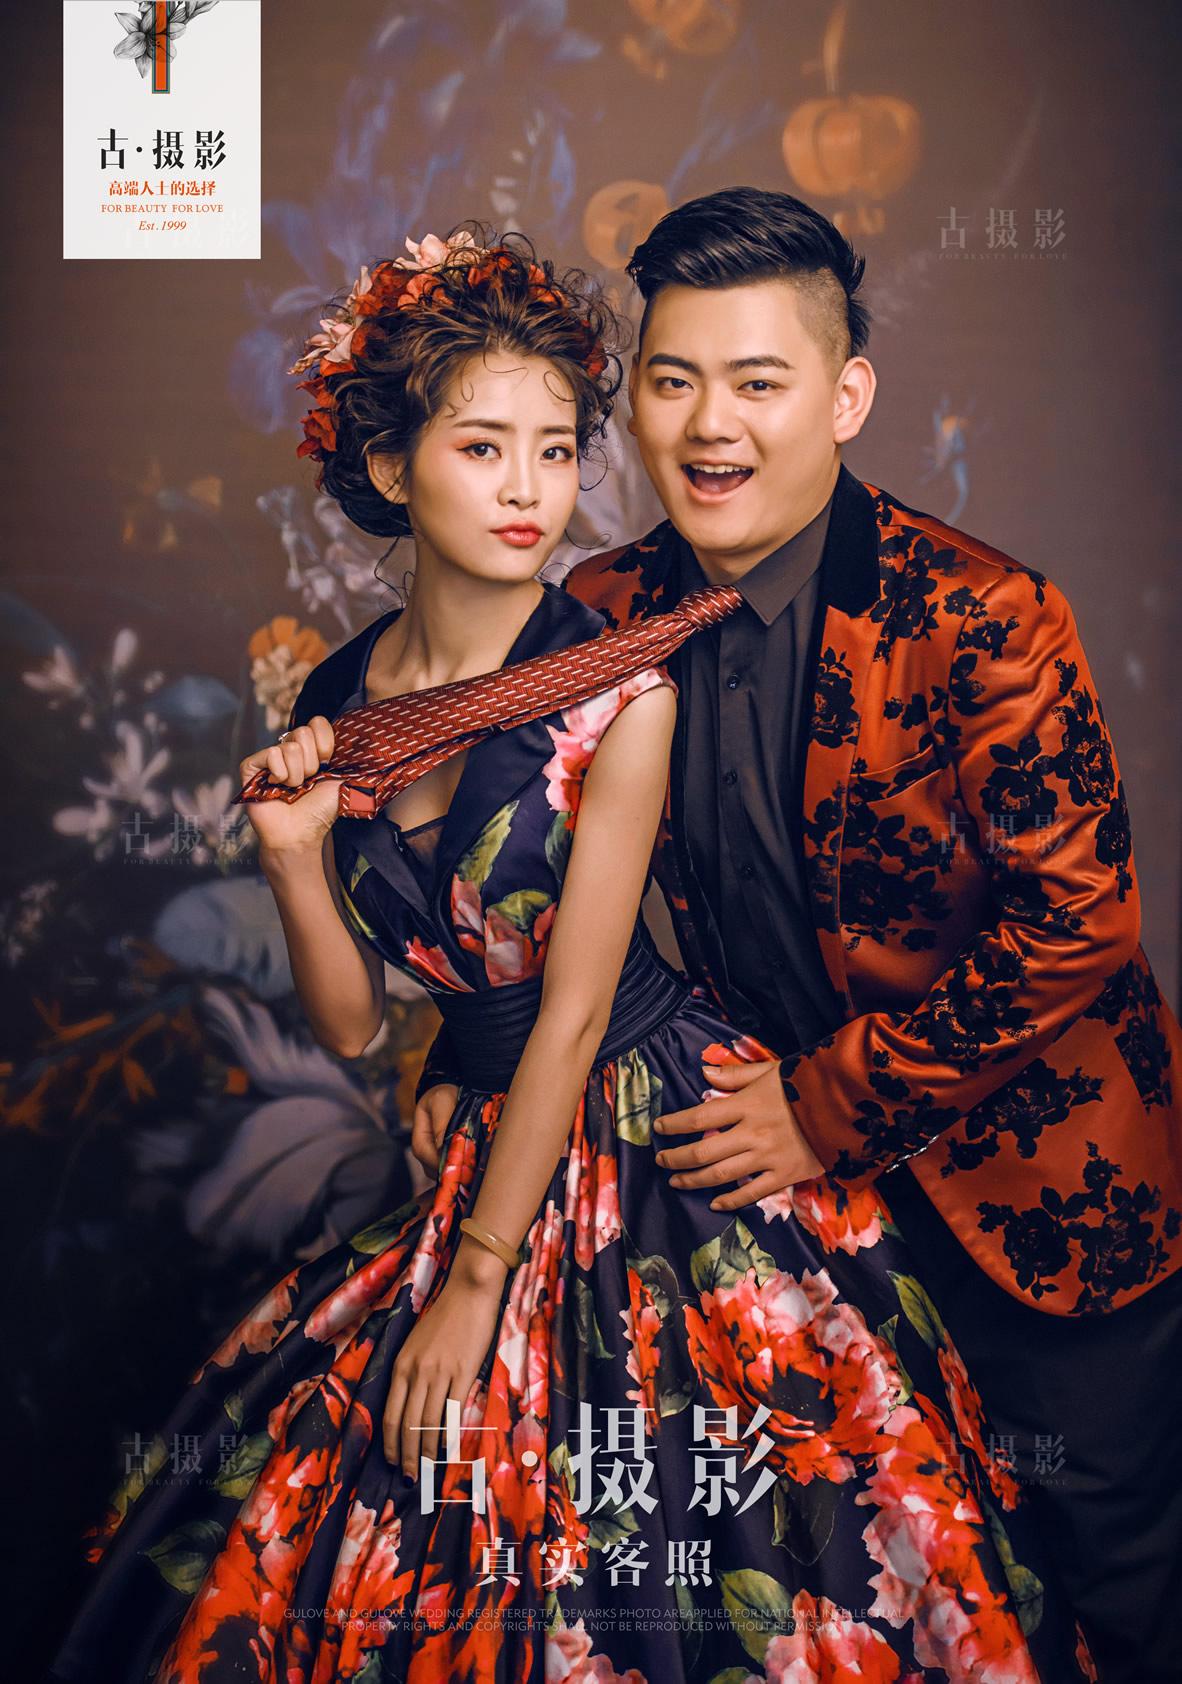 6月12日客片张先生 陈小姐 - 每日客照 - 广州婚纱摄影-广州古摄影官网